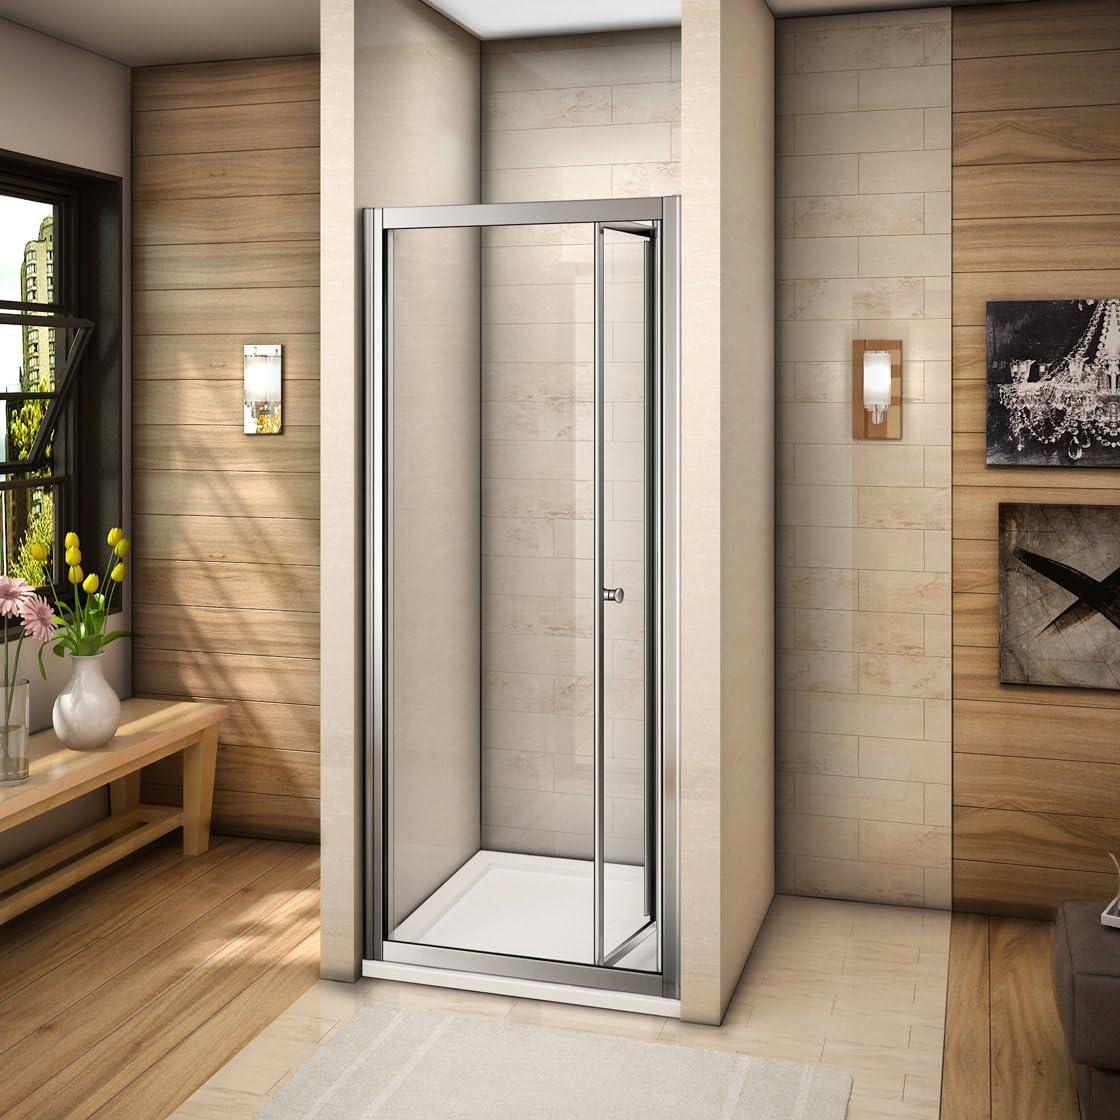 Mamparas de baño plegable puerta de ducha vidrio templado 100x185cm: Amazon.es: Bricolaje y herramientas